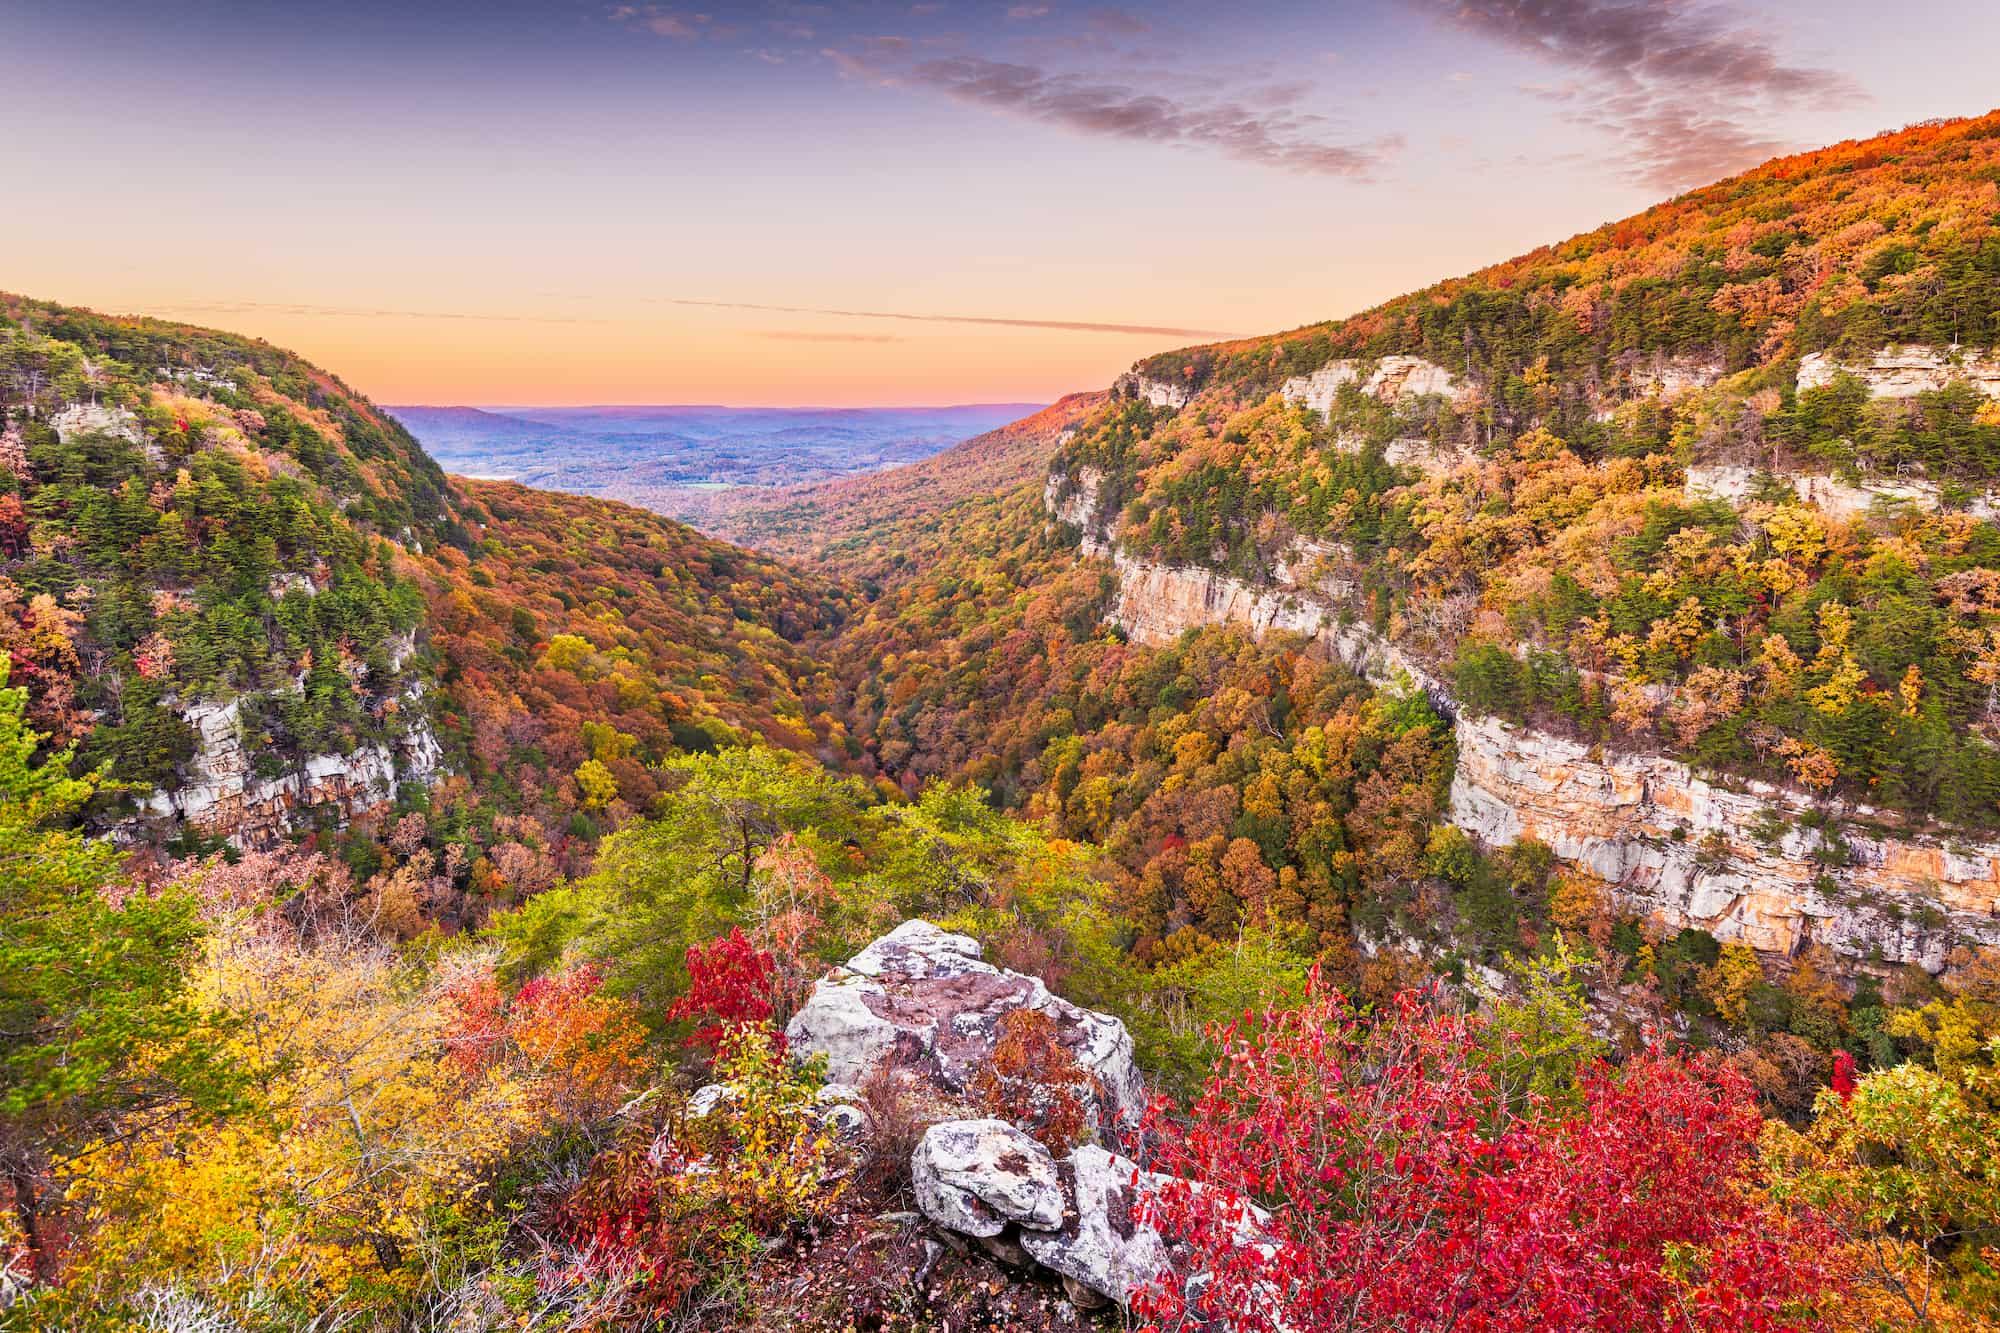 cloudland canyon at sunset during fall